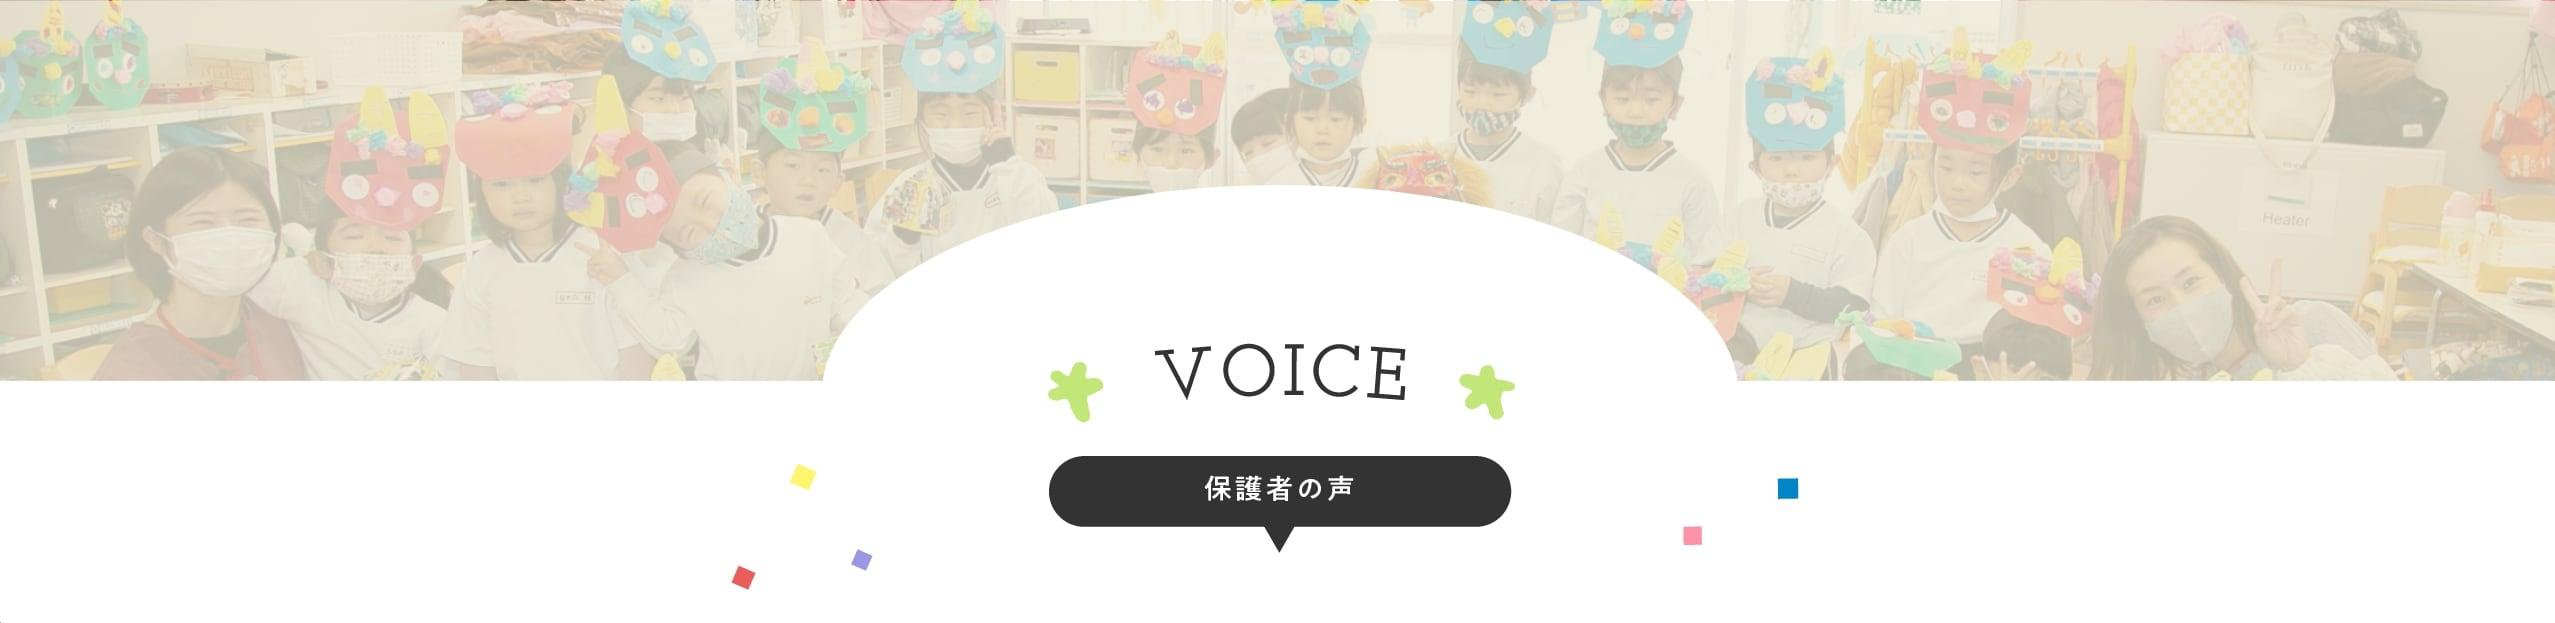 VOICE -保護者の声-